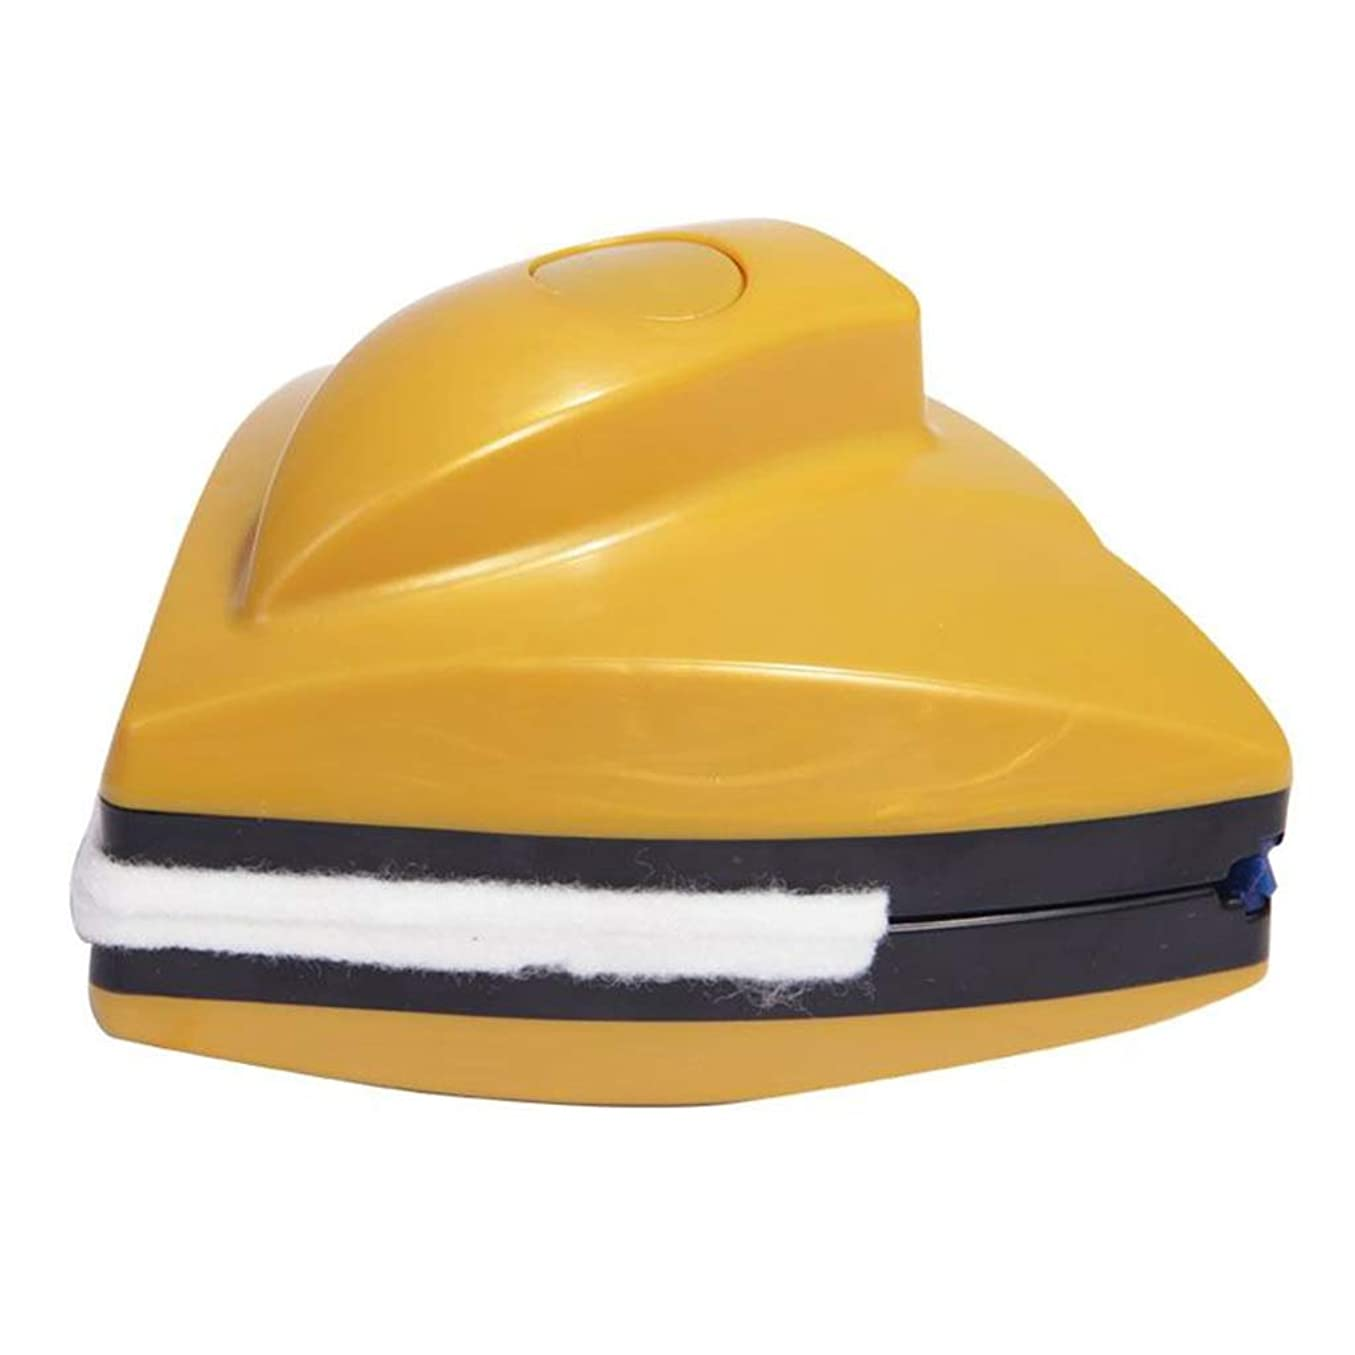 完全に動揺させる主要な安全ガラスクリーナー日常使用家事掃除道具3階強力な磁気効率的な両面ガラスは、クリーンな高層ビルを拭く窓をこすり,Yellow